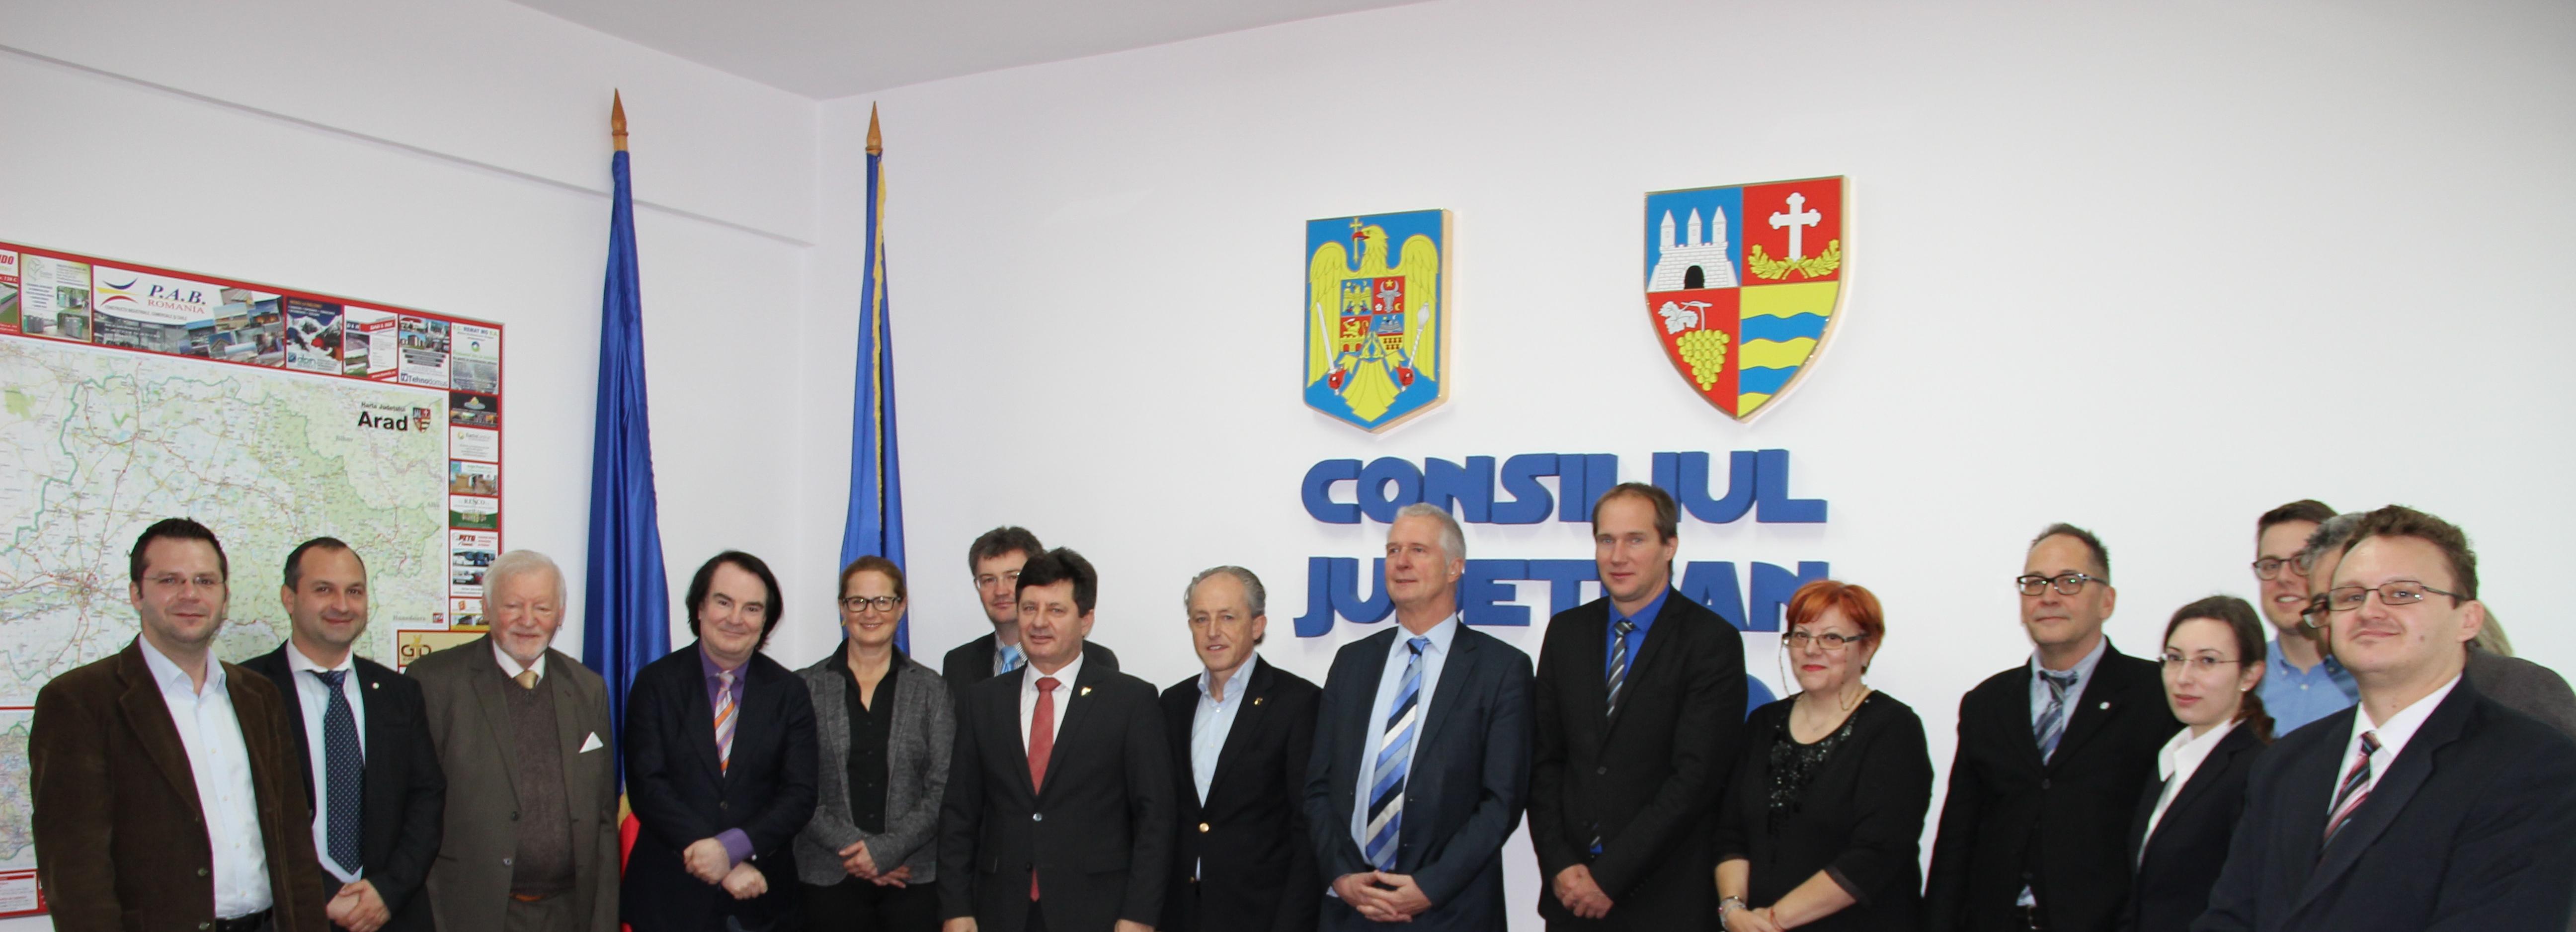 Iustin Cionca, preşedintele Consiliului Judeţean Arad, s-a întâlnit cu reprezentanţi ai Comisiei Internaţionale de Acreditare AHPGS